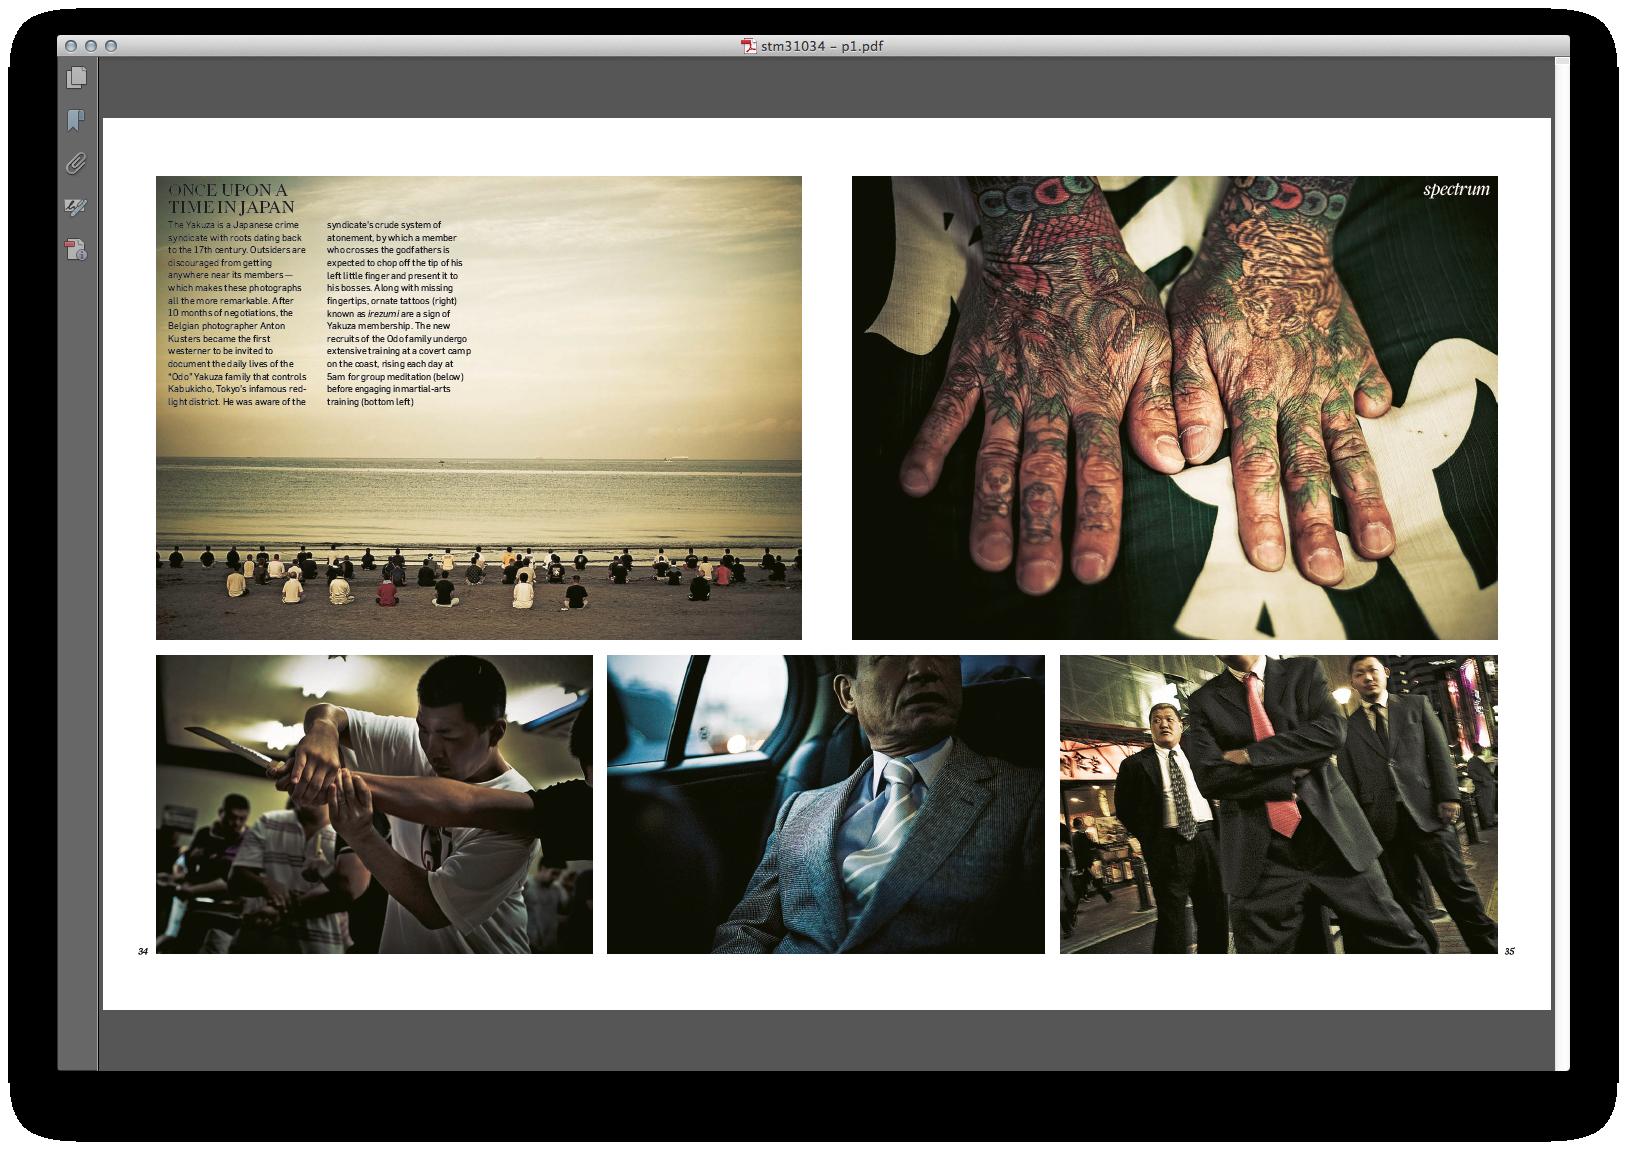 Screen-Shot-2012-02-12-at-14.11.32.png